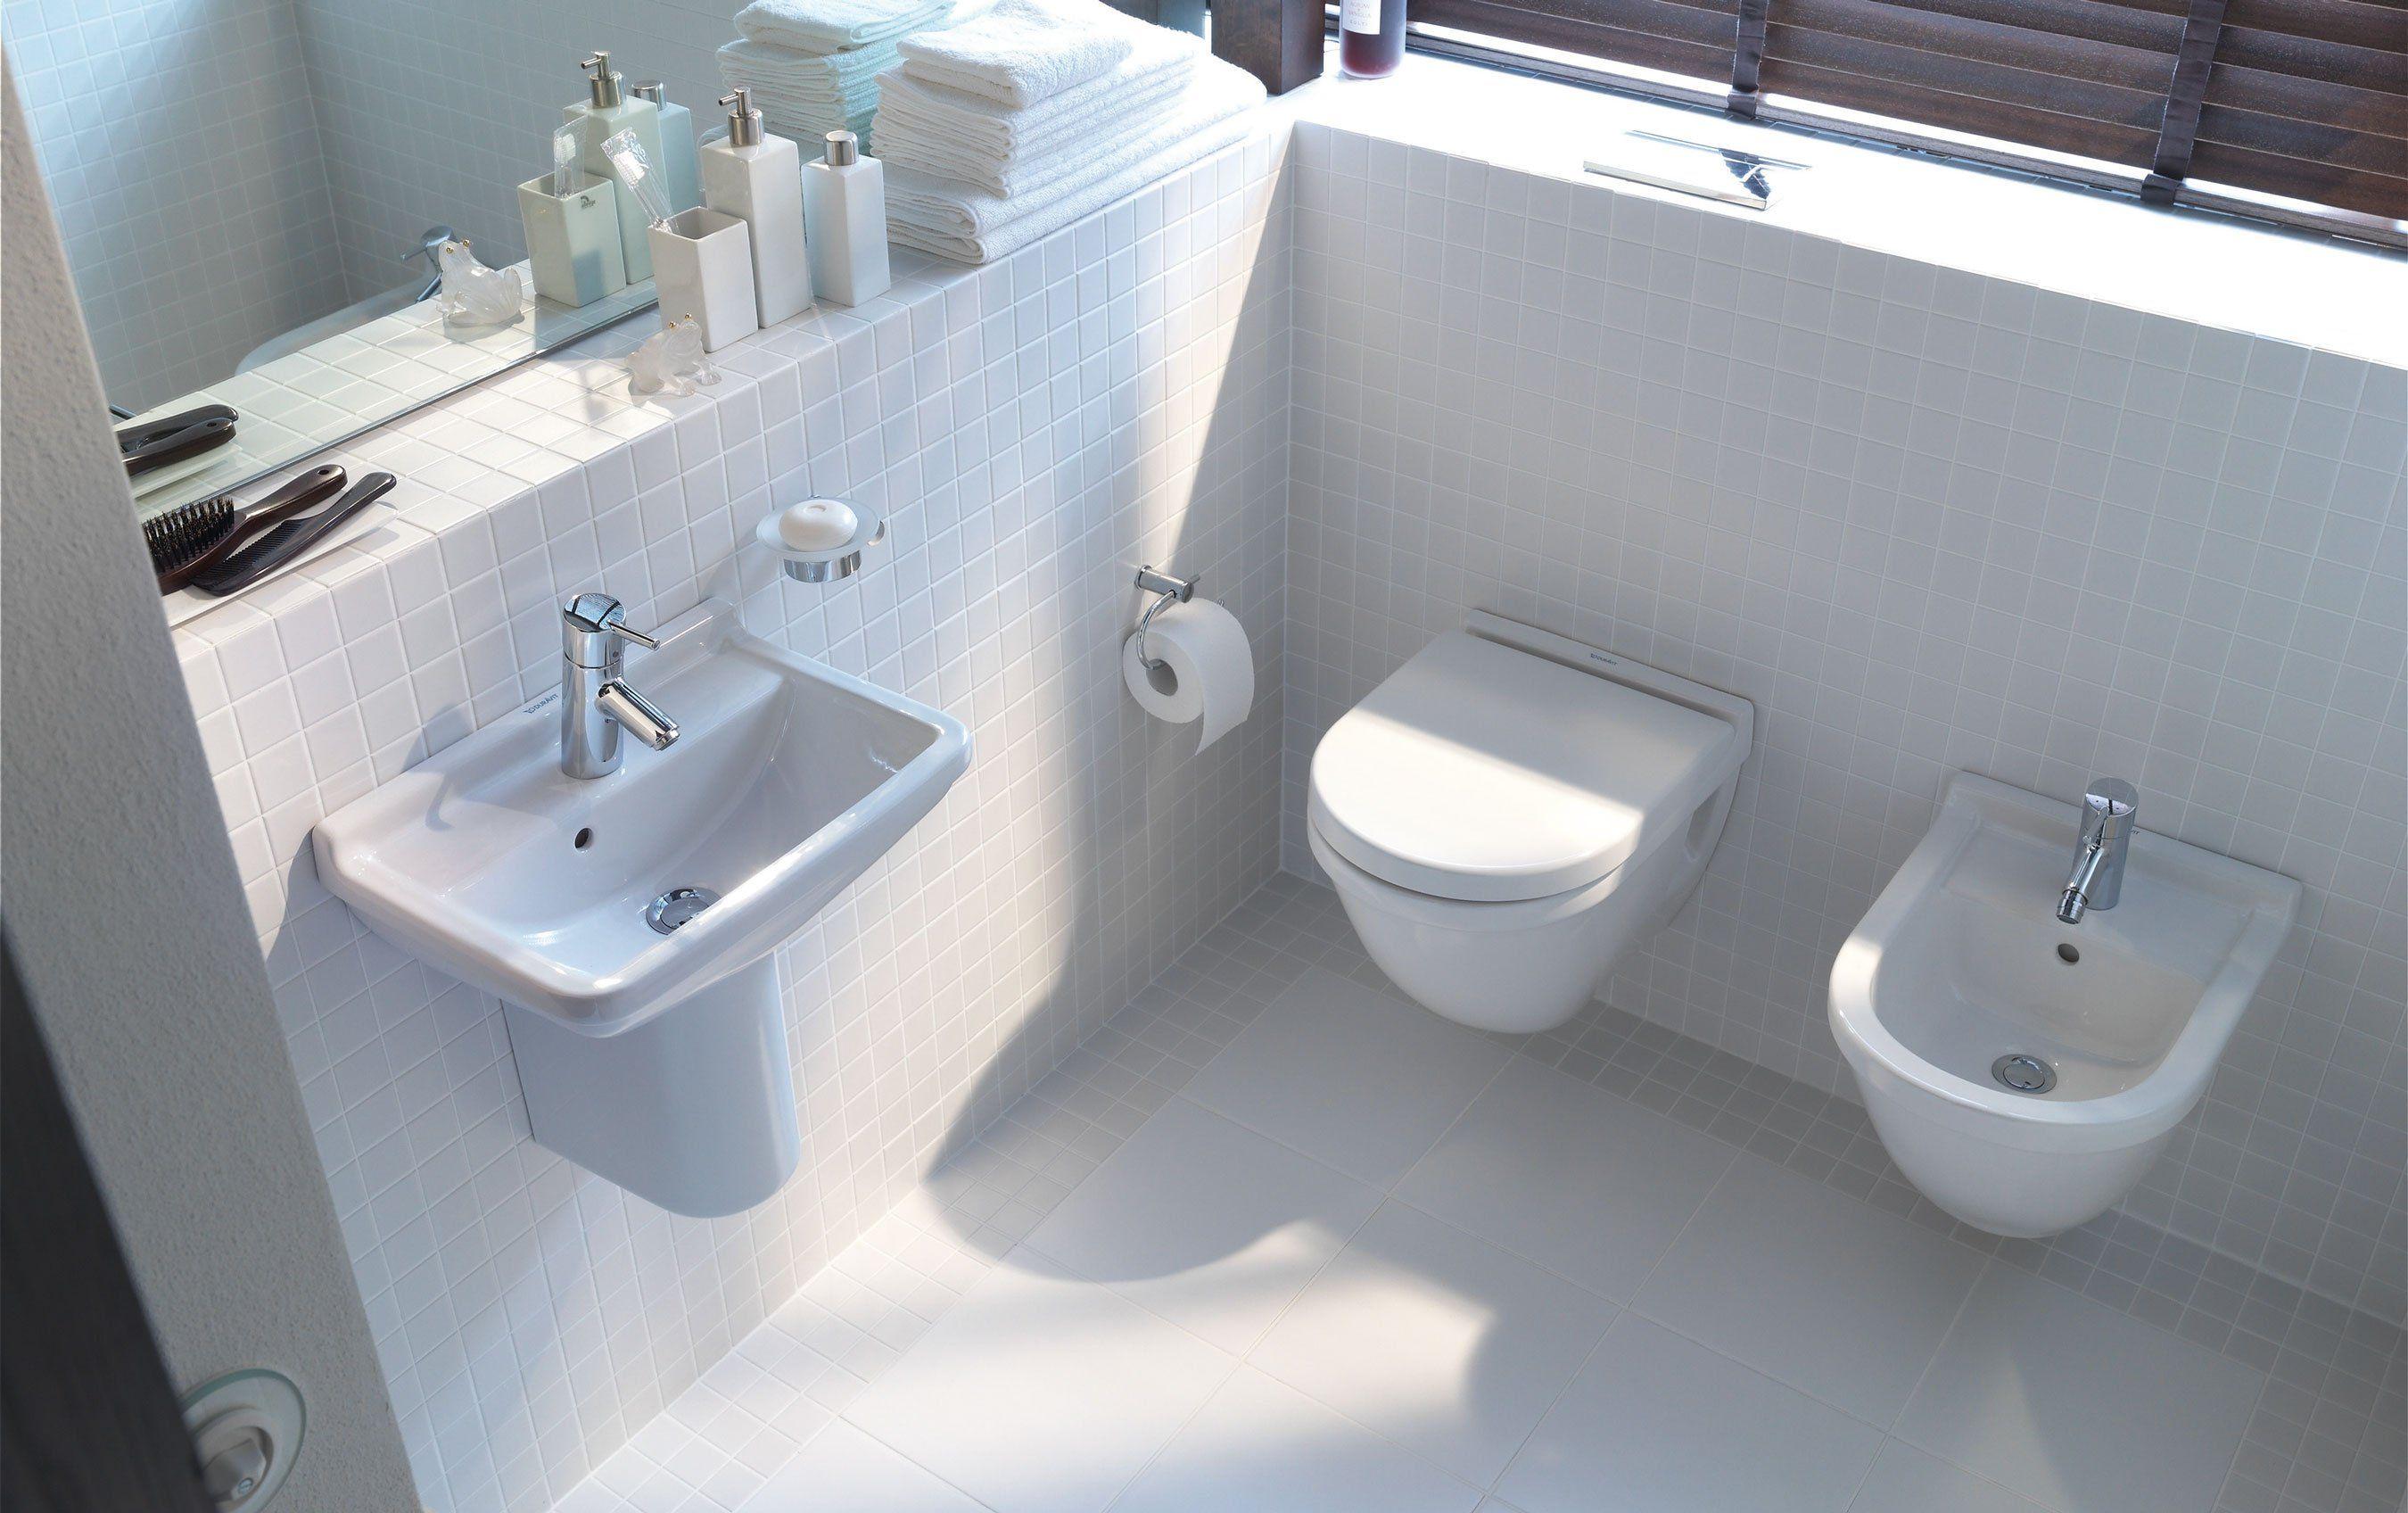 Sanitari Sospesi E Lavandini Bagno Salvaspazio Foto Bathroom